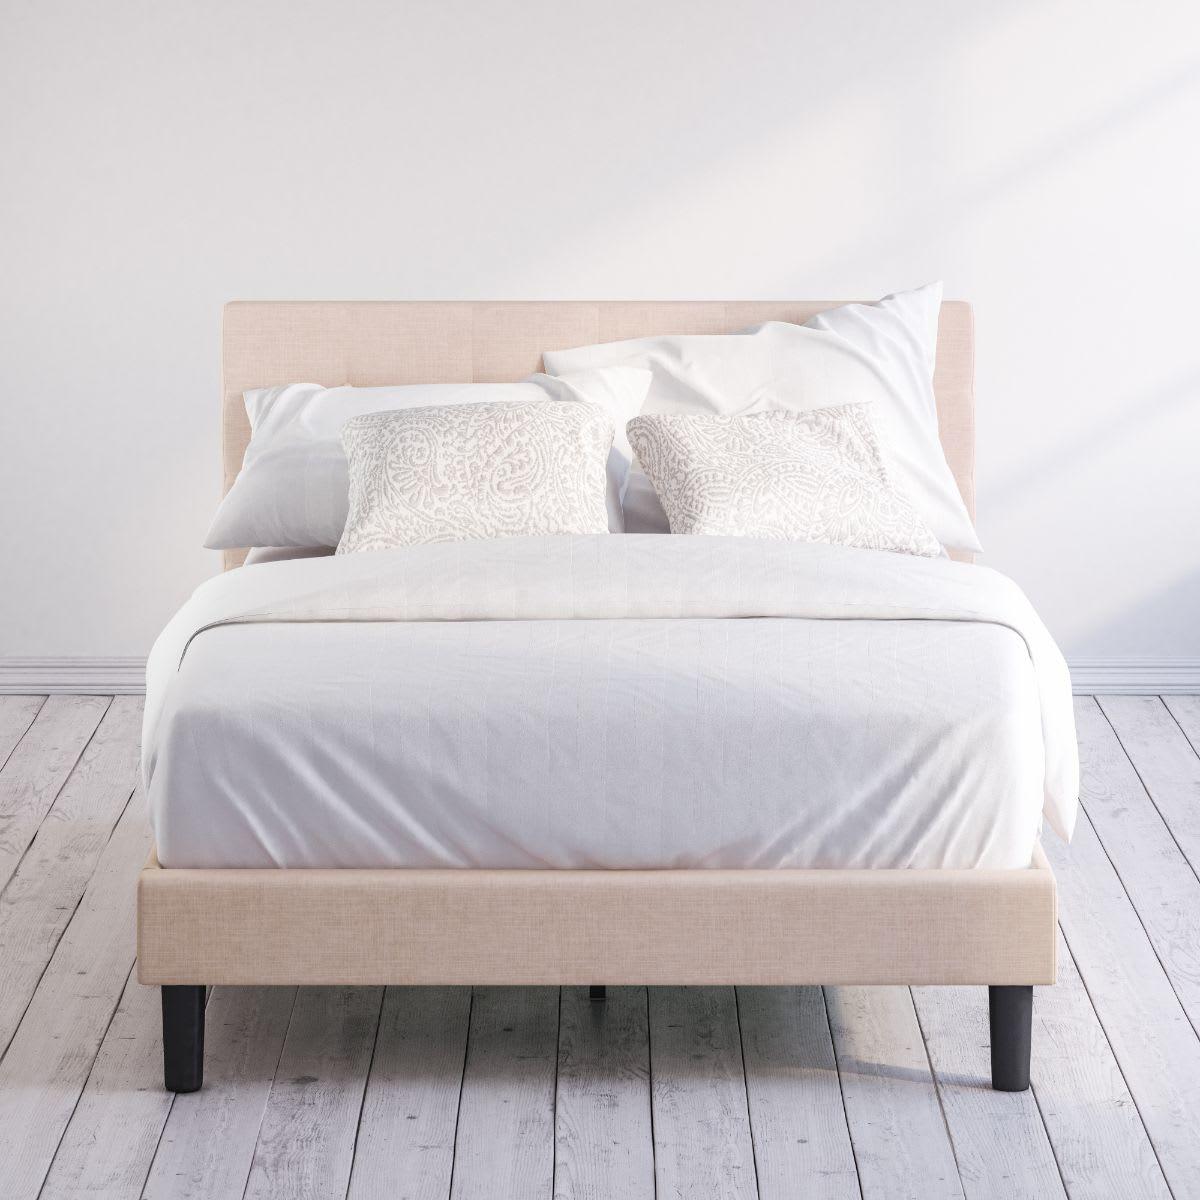 Ibidun upholstered platform bed frame